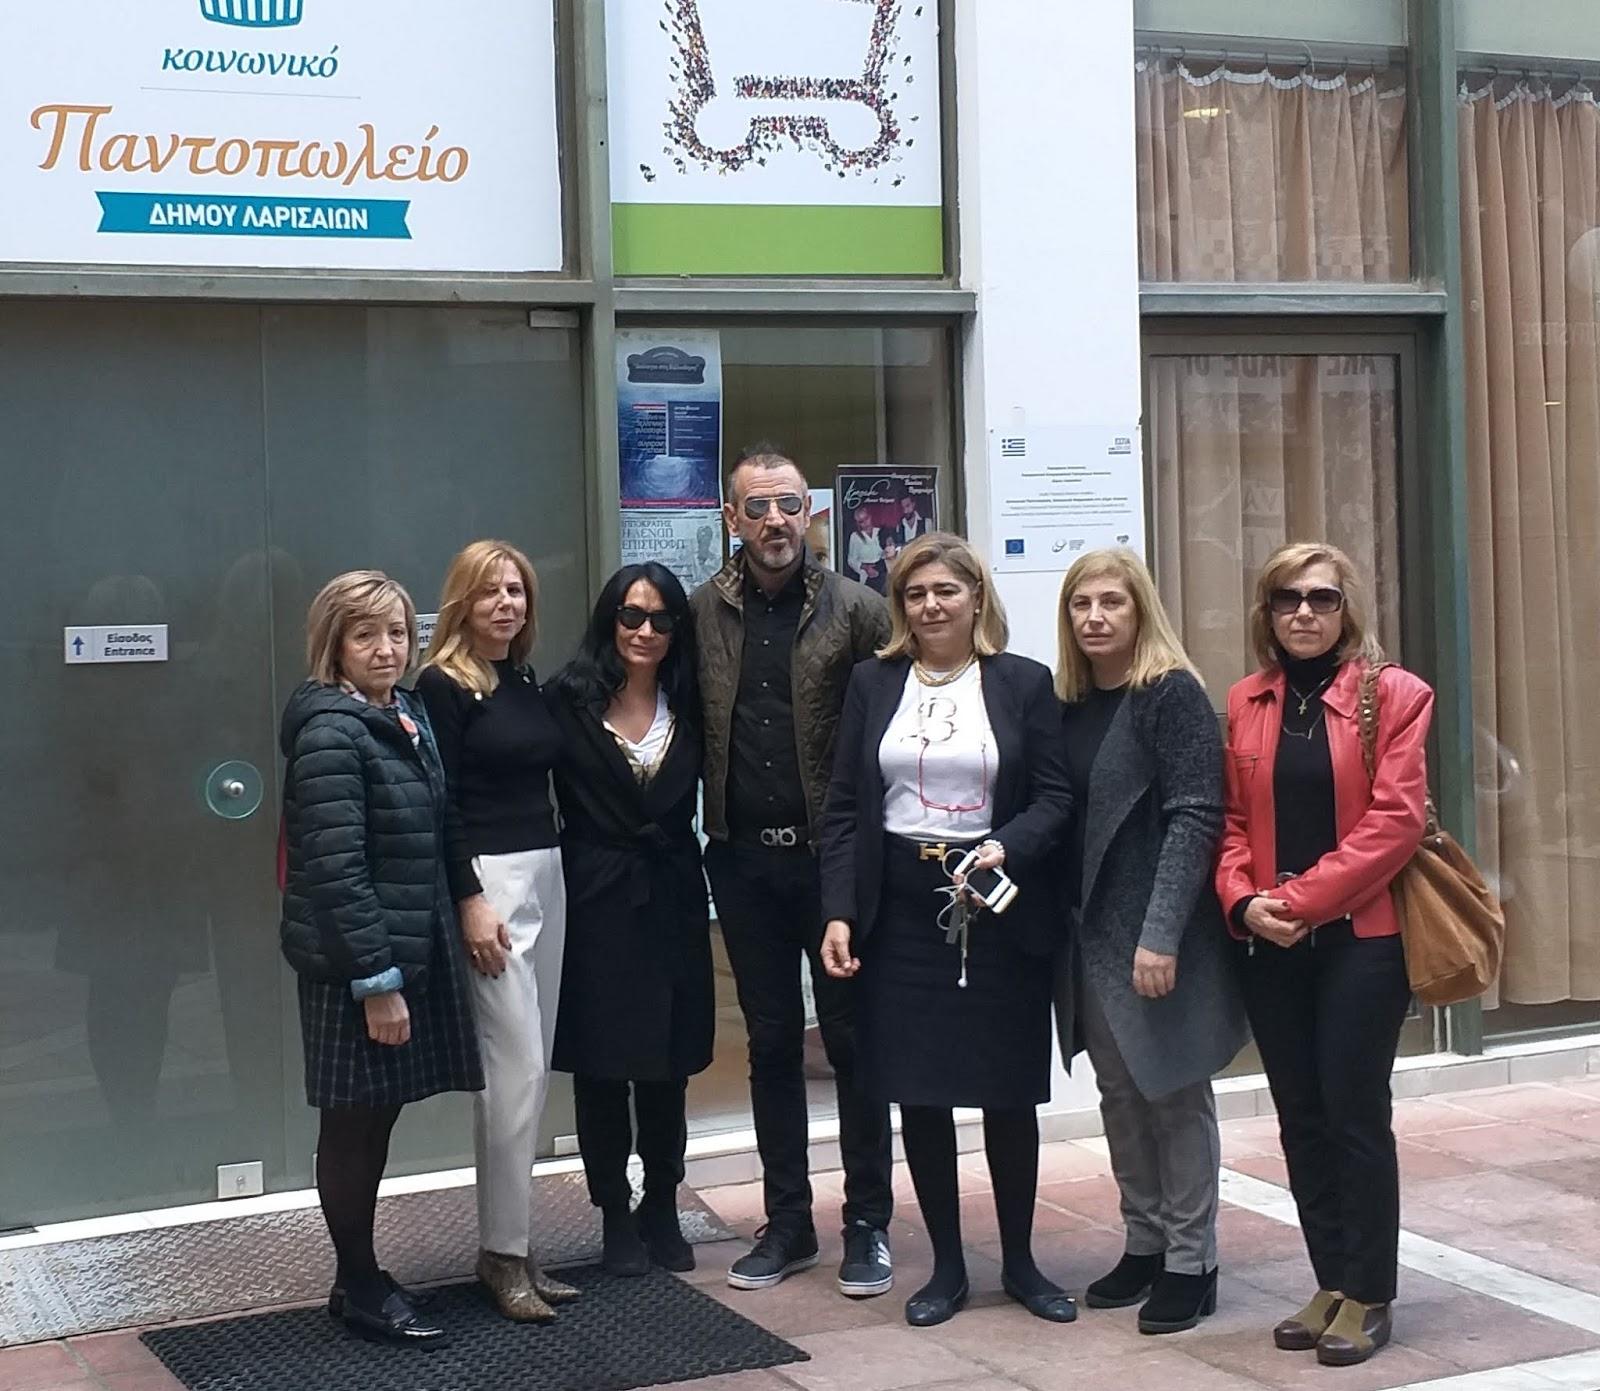 Προσφορά στο Κοινωνικό Παντοπωλείο του Δήμου Λαρισαίων